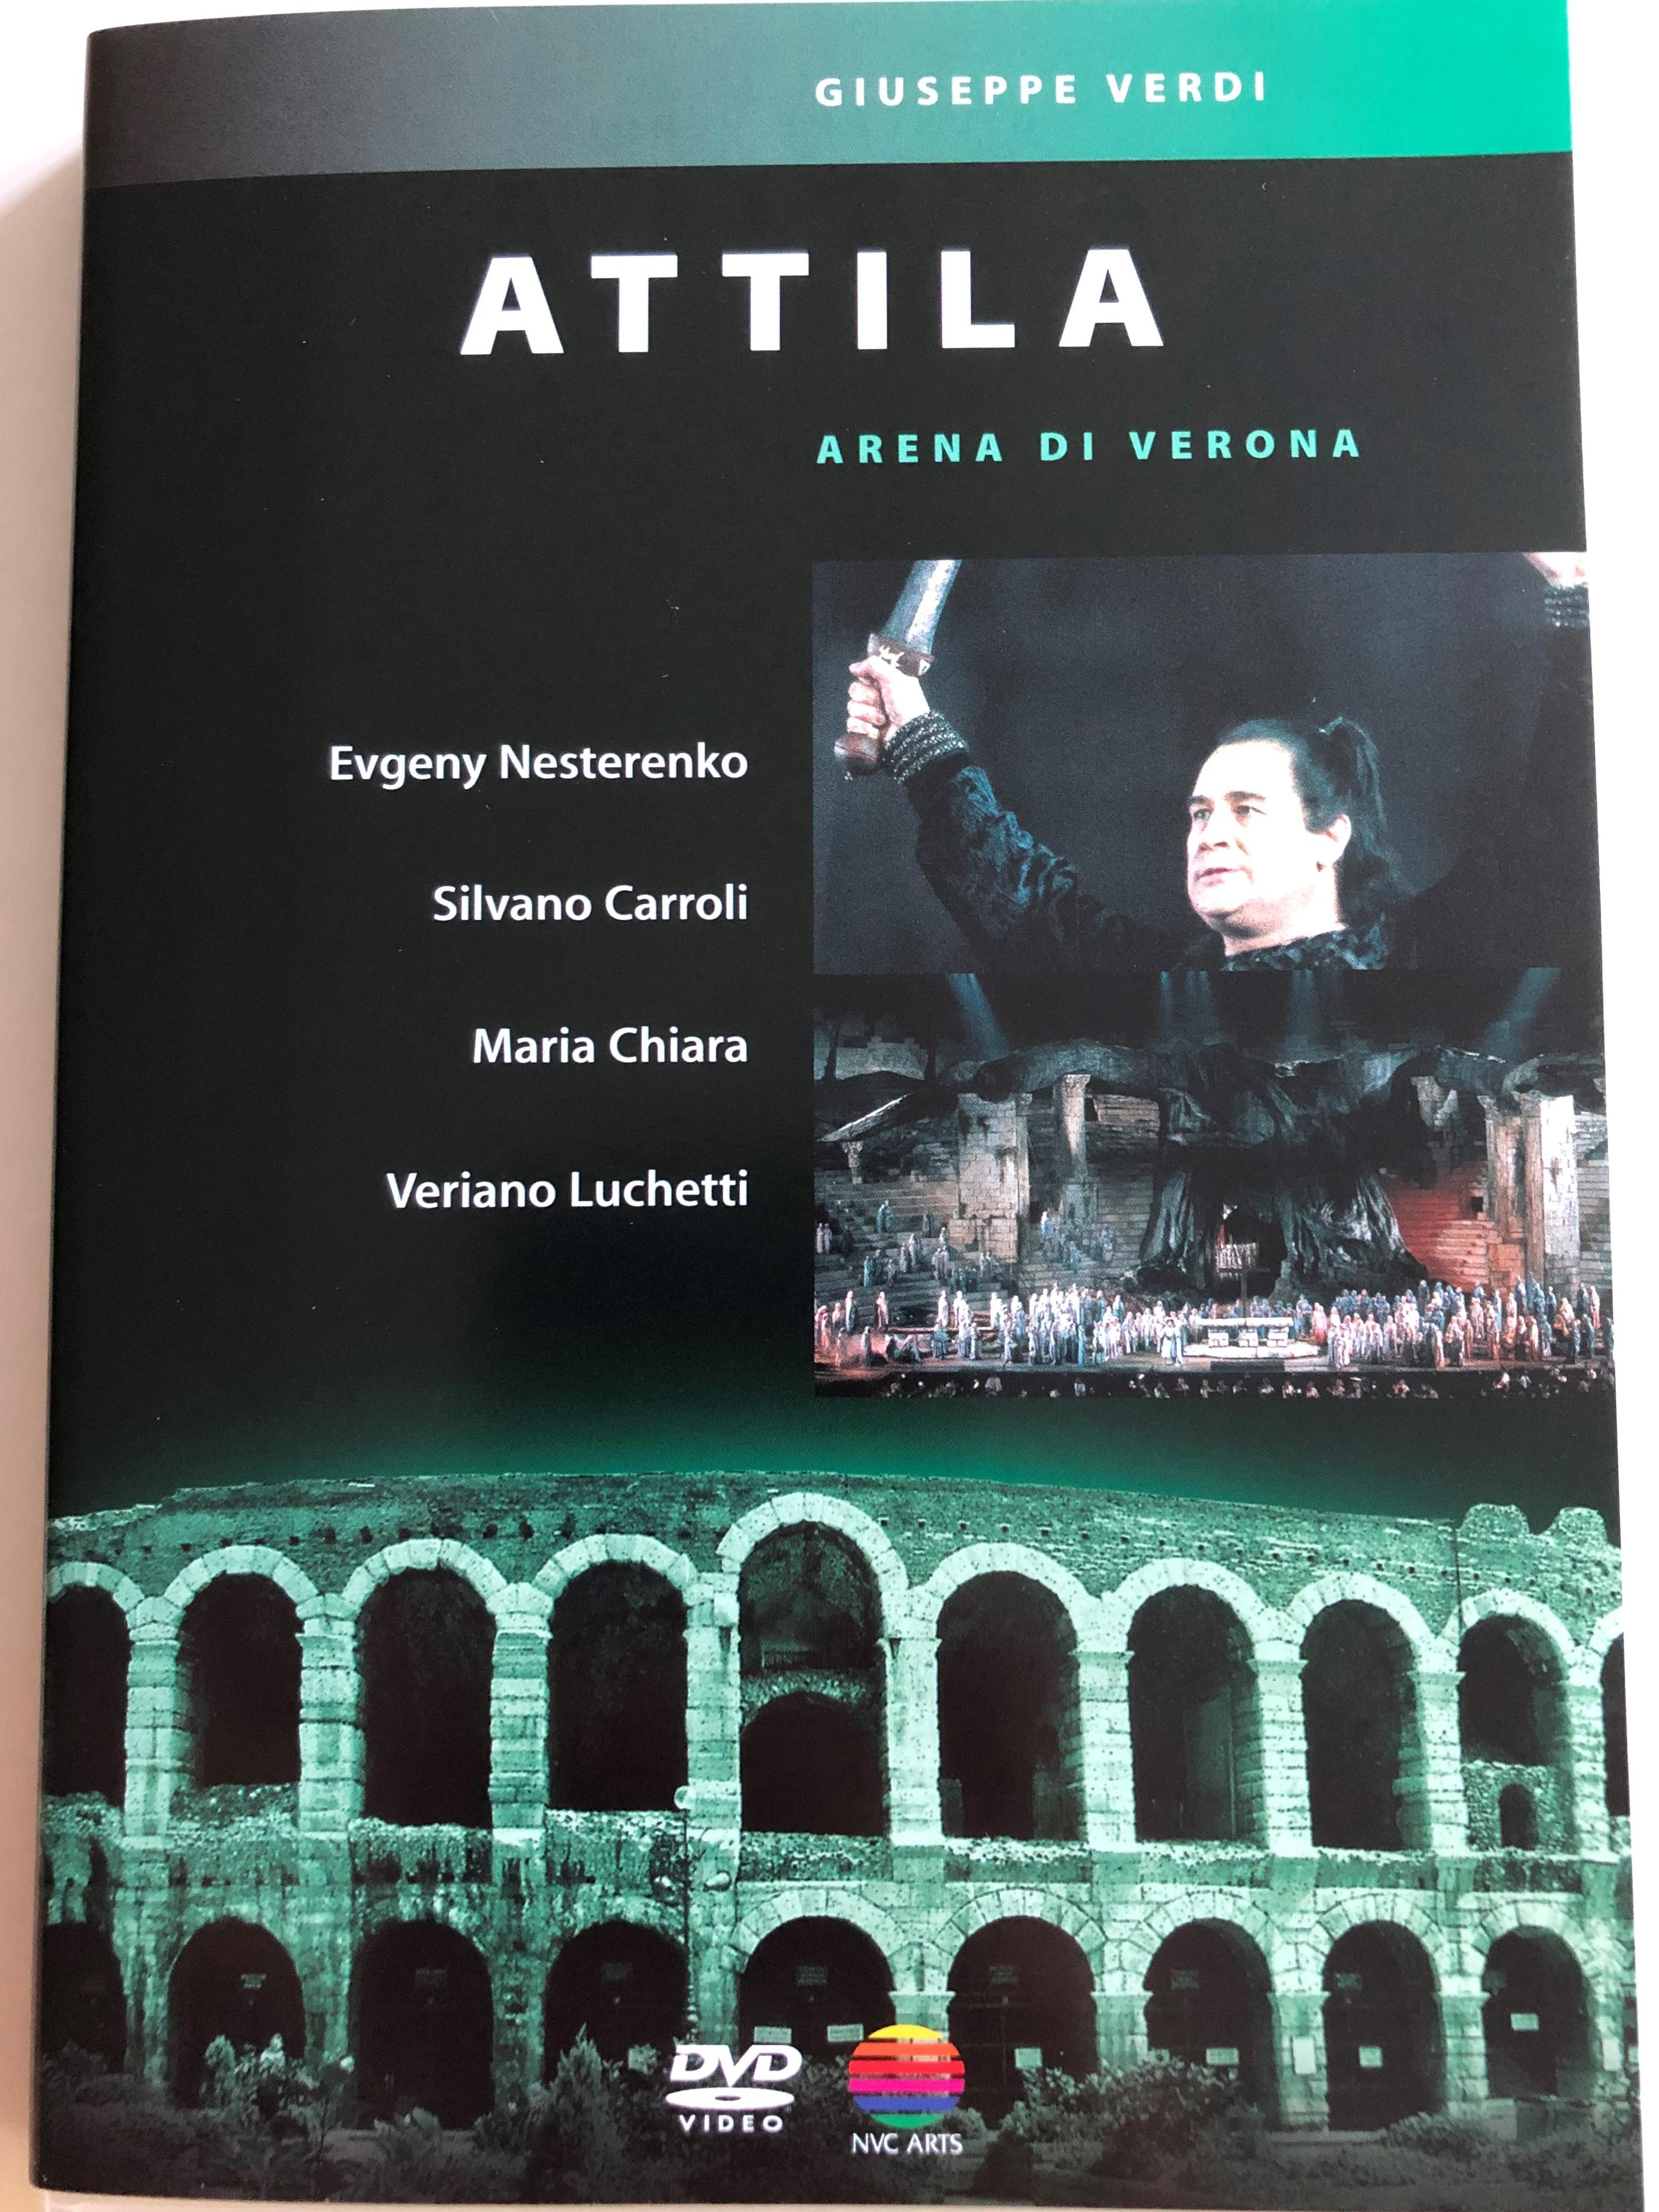 giuseppe-verdi-attila-dvd-1985-arena-di-verona-evgeny-nesterenko-silvano-carroli-maria-chiara-veriano-luchetti-orchestra-and-chorus-of-the-arena-di-verona-conducted-by-nello-santi-directed-for-video-by-brian-large-1-.jpg